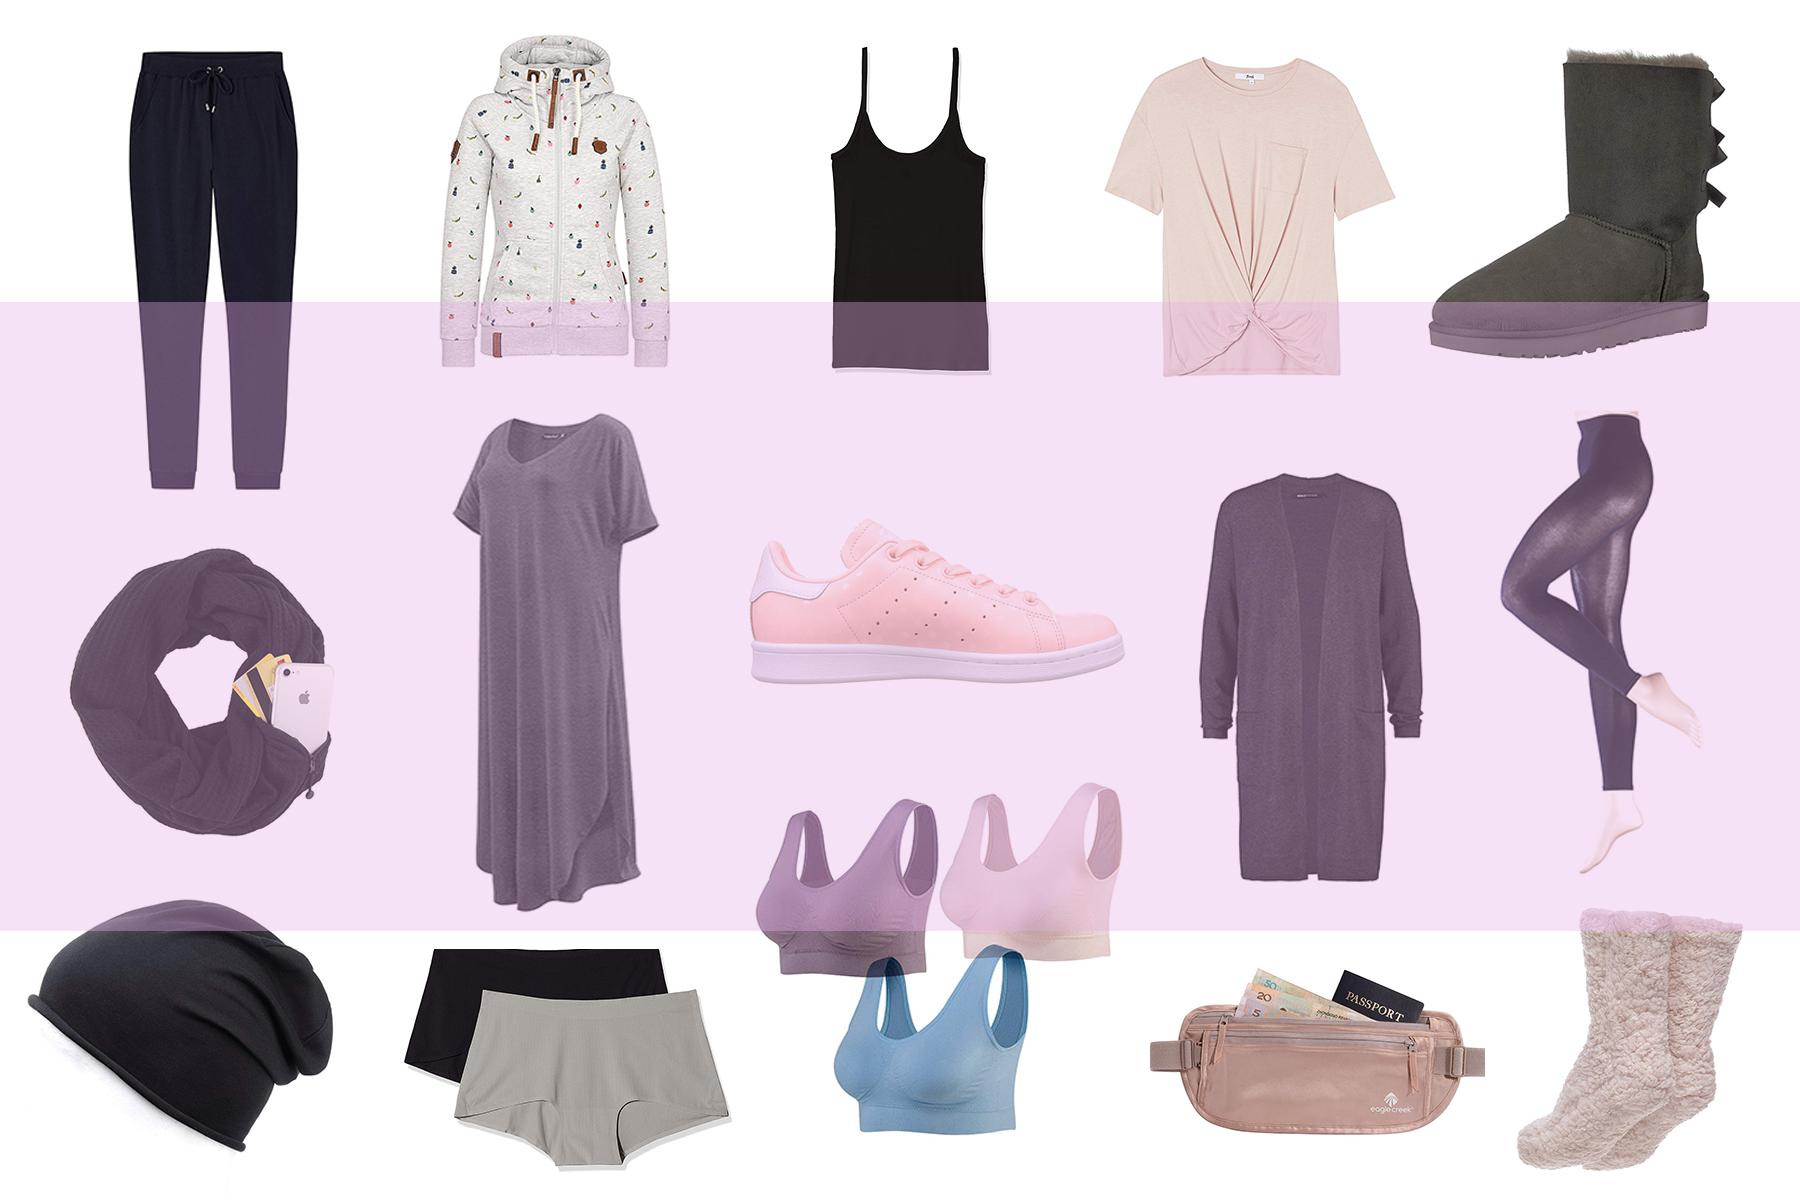 Travel Size: Die ideale Kleidung für einen Langstreckenflug